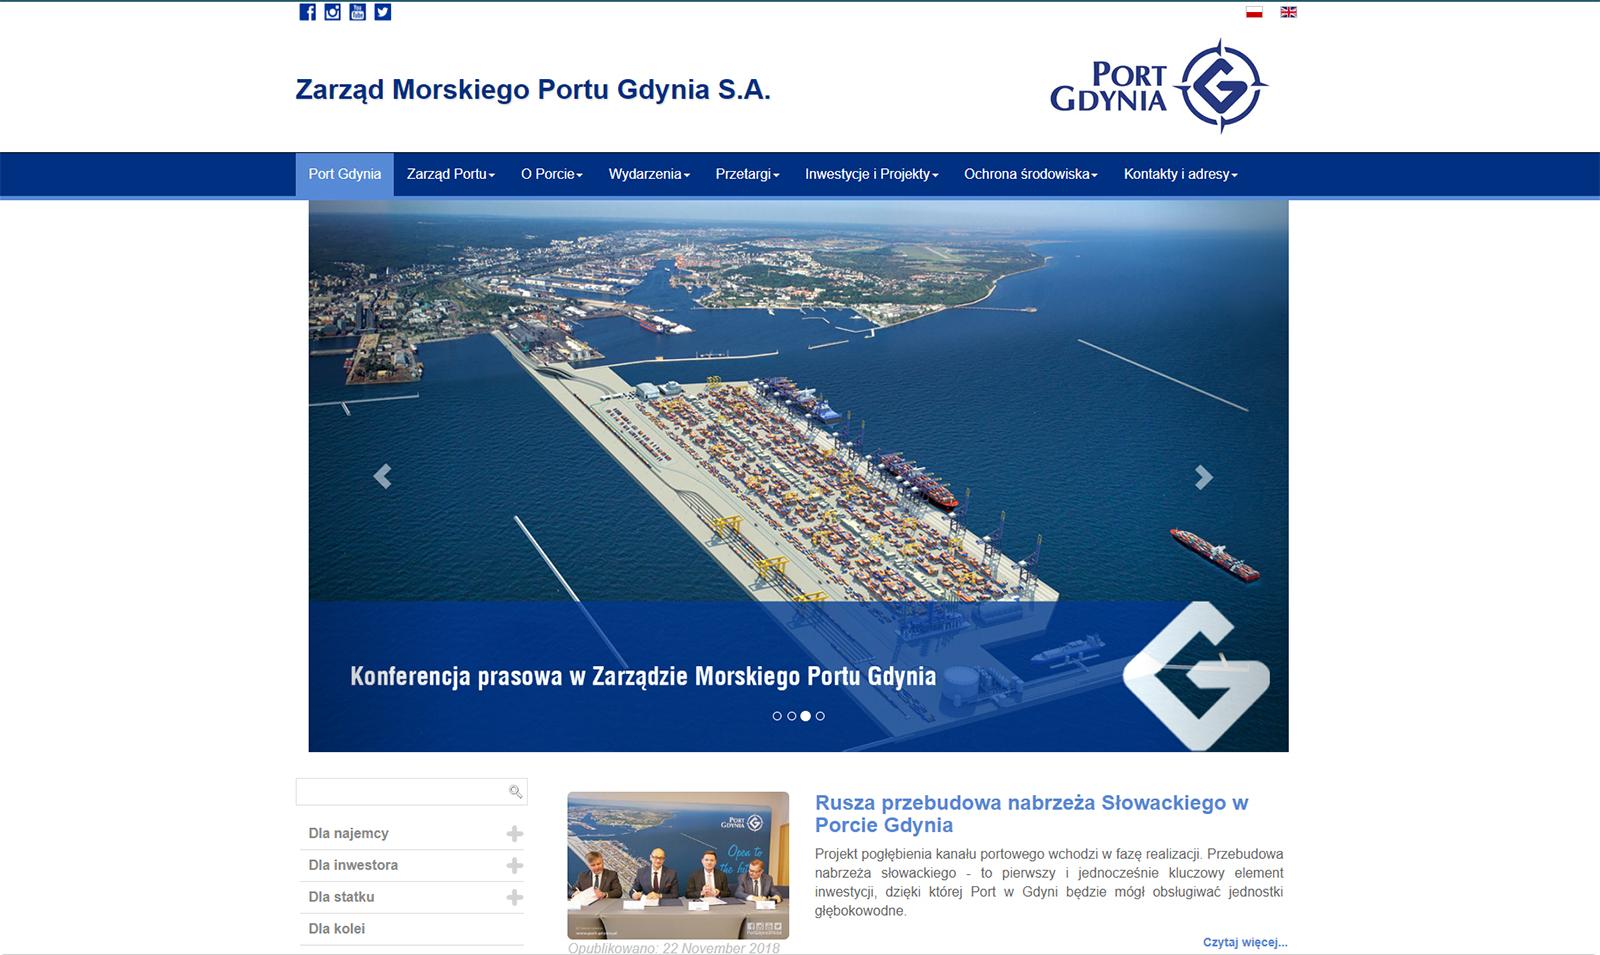 Strona internetowa Zarządu Morskiego Portu Gdynia S.A.